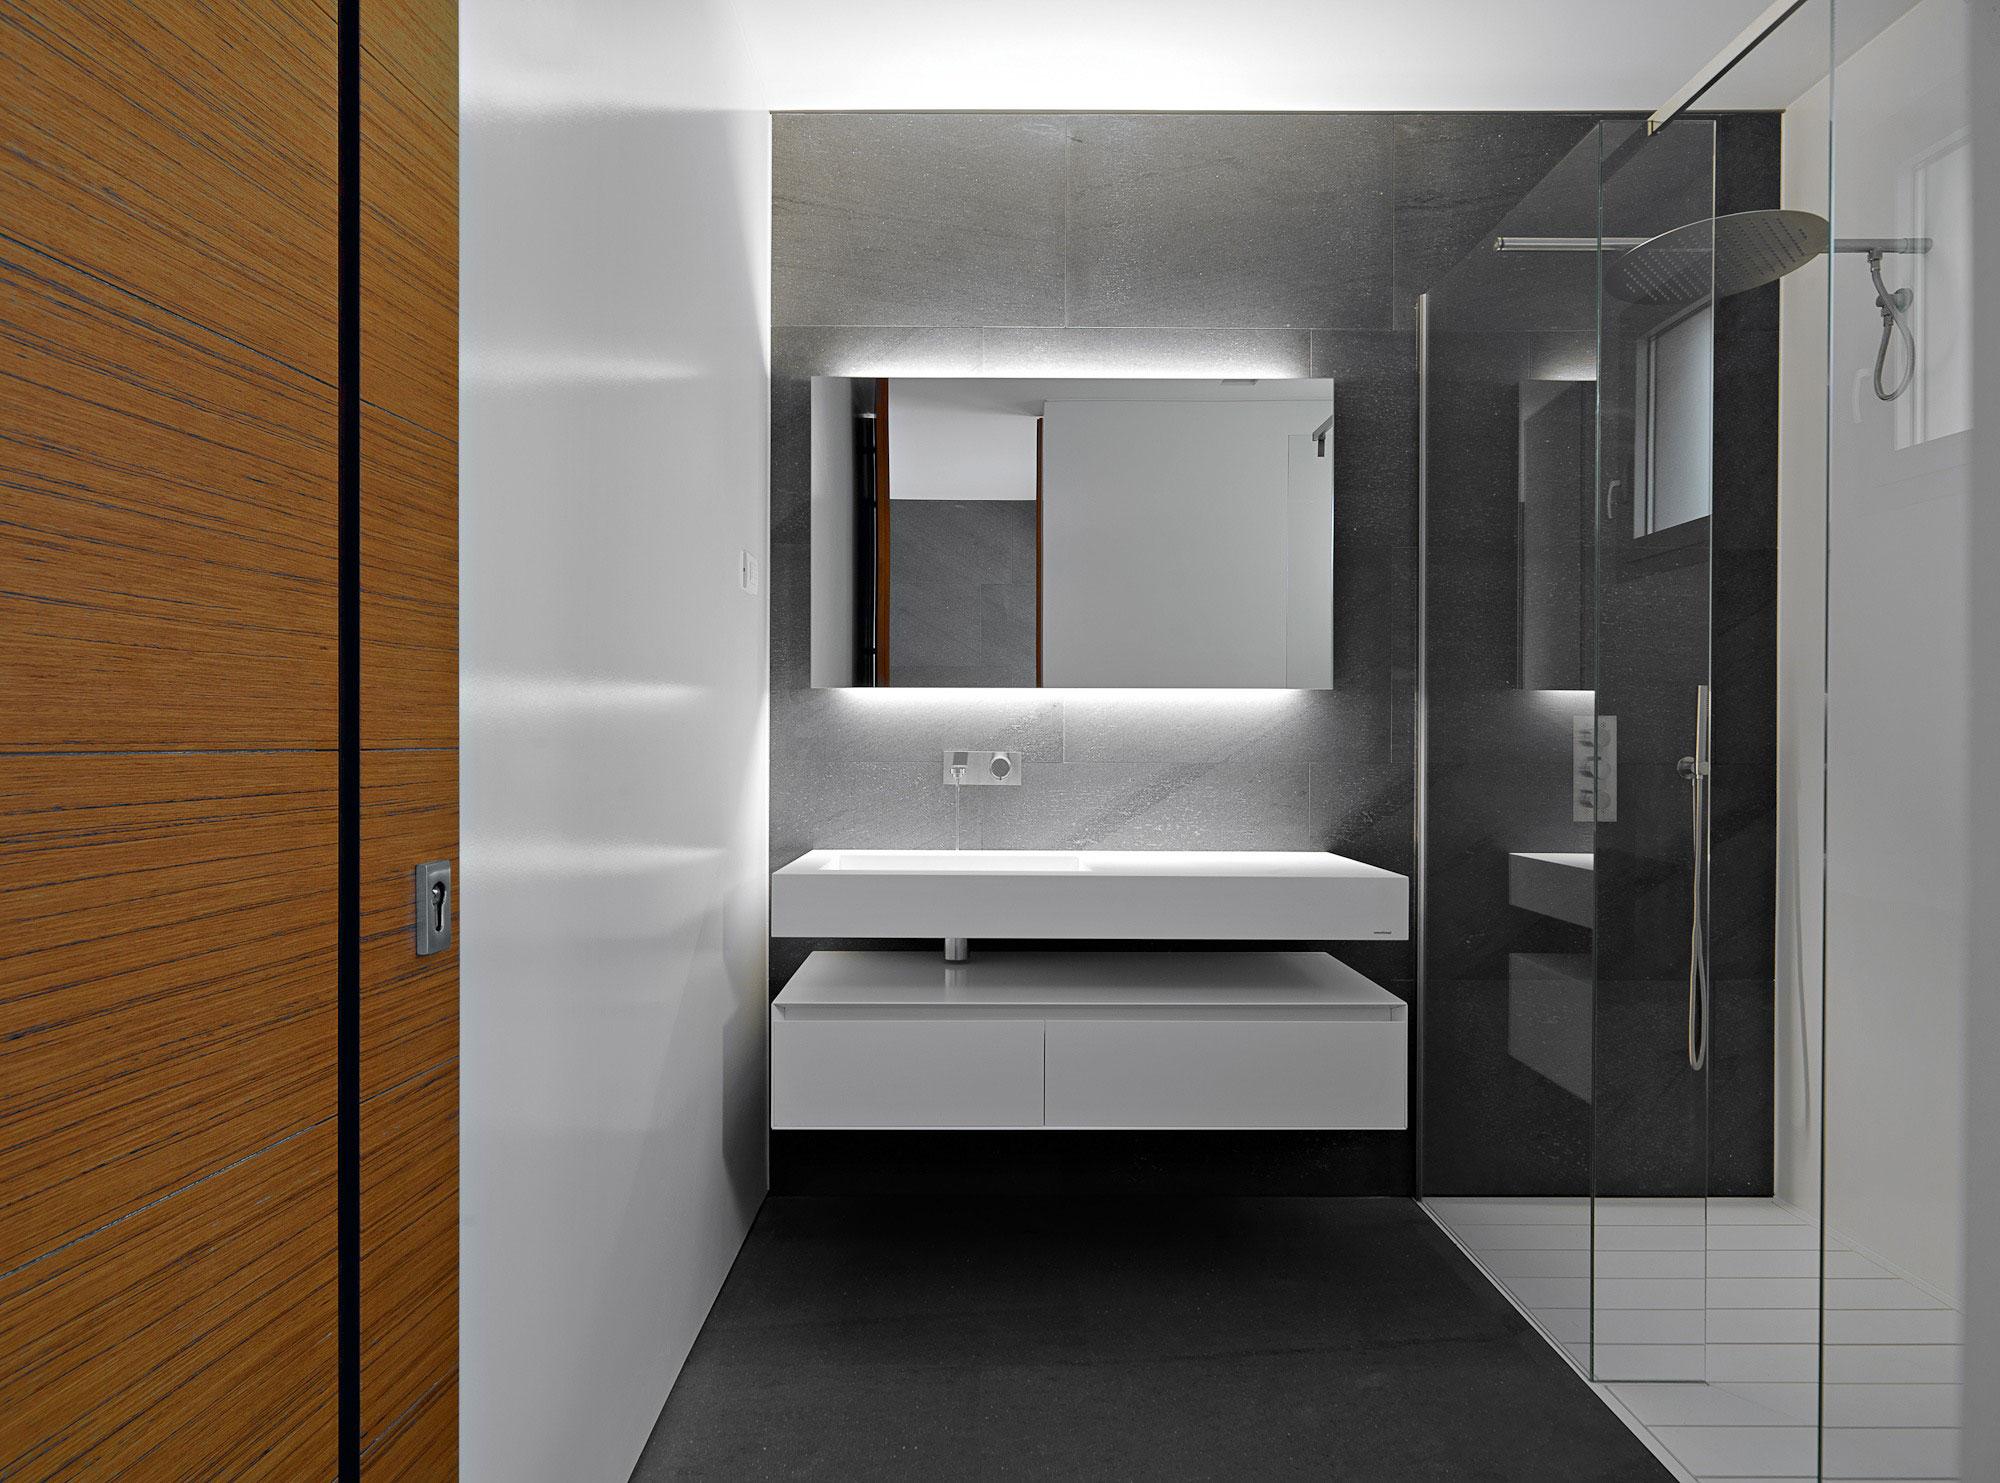 Salle de bain design minimaliste 5 mani res de - Salle de bain minimaliste ...